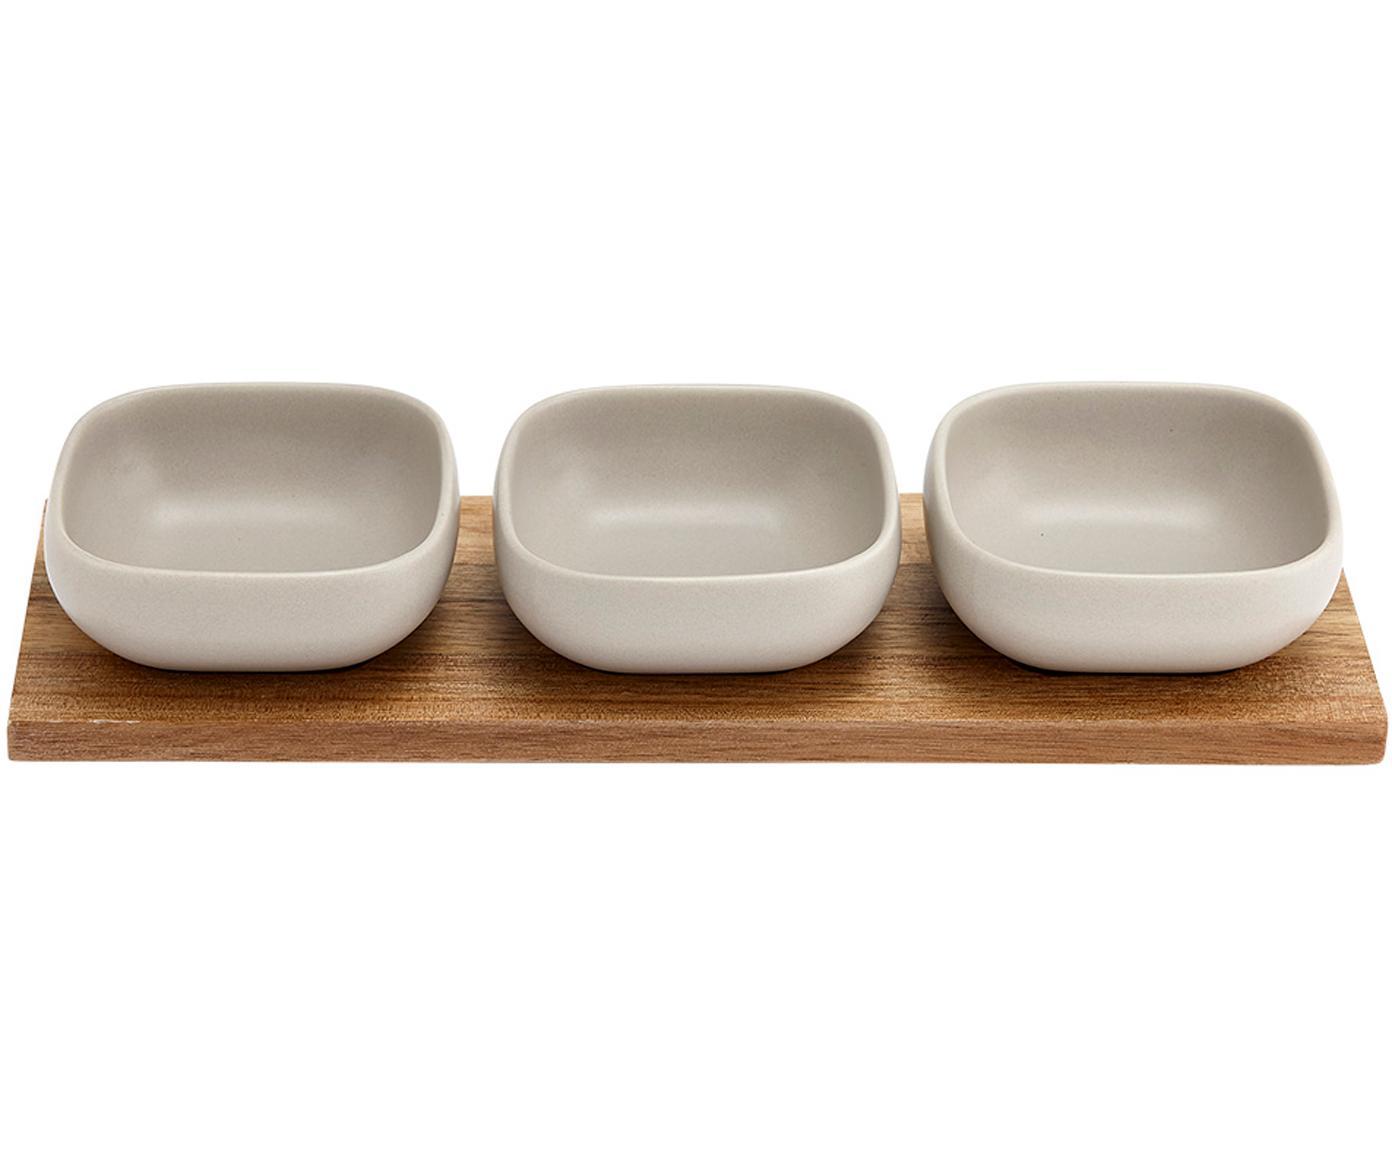 Set de cuencos de porcelana y madera Essentials, 4pzas., Cuencos: porcelana, Bandeja: madera de acacia, Blanco, acacia, Tamaños diferentes